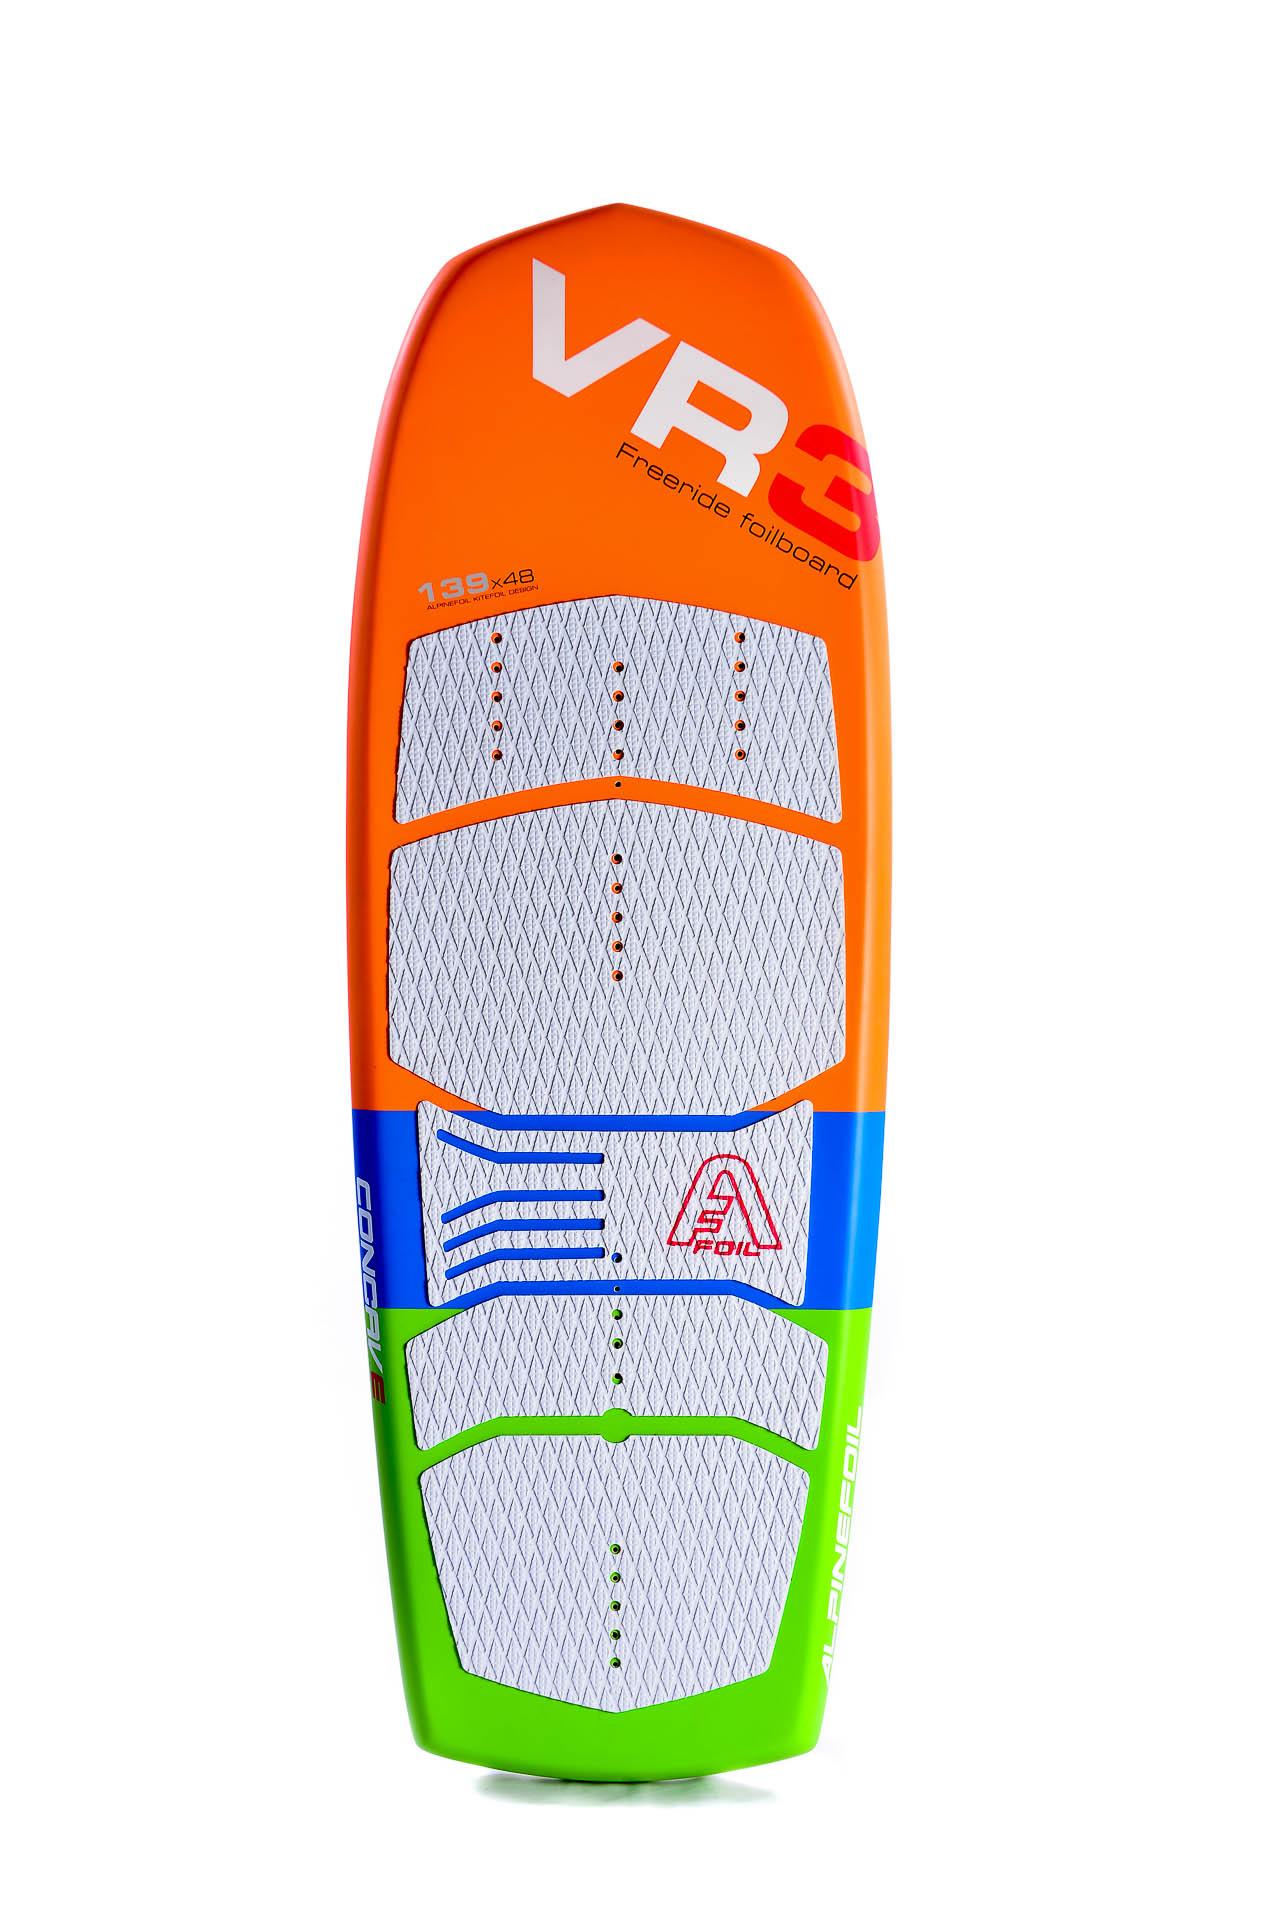 Kitefoil board alpinefoil 9204